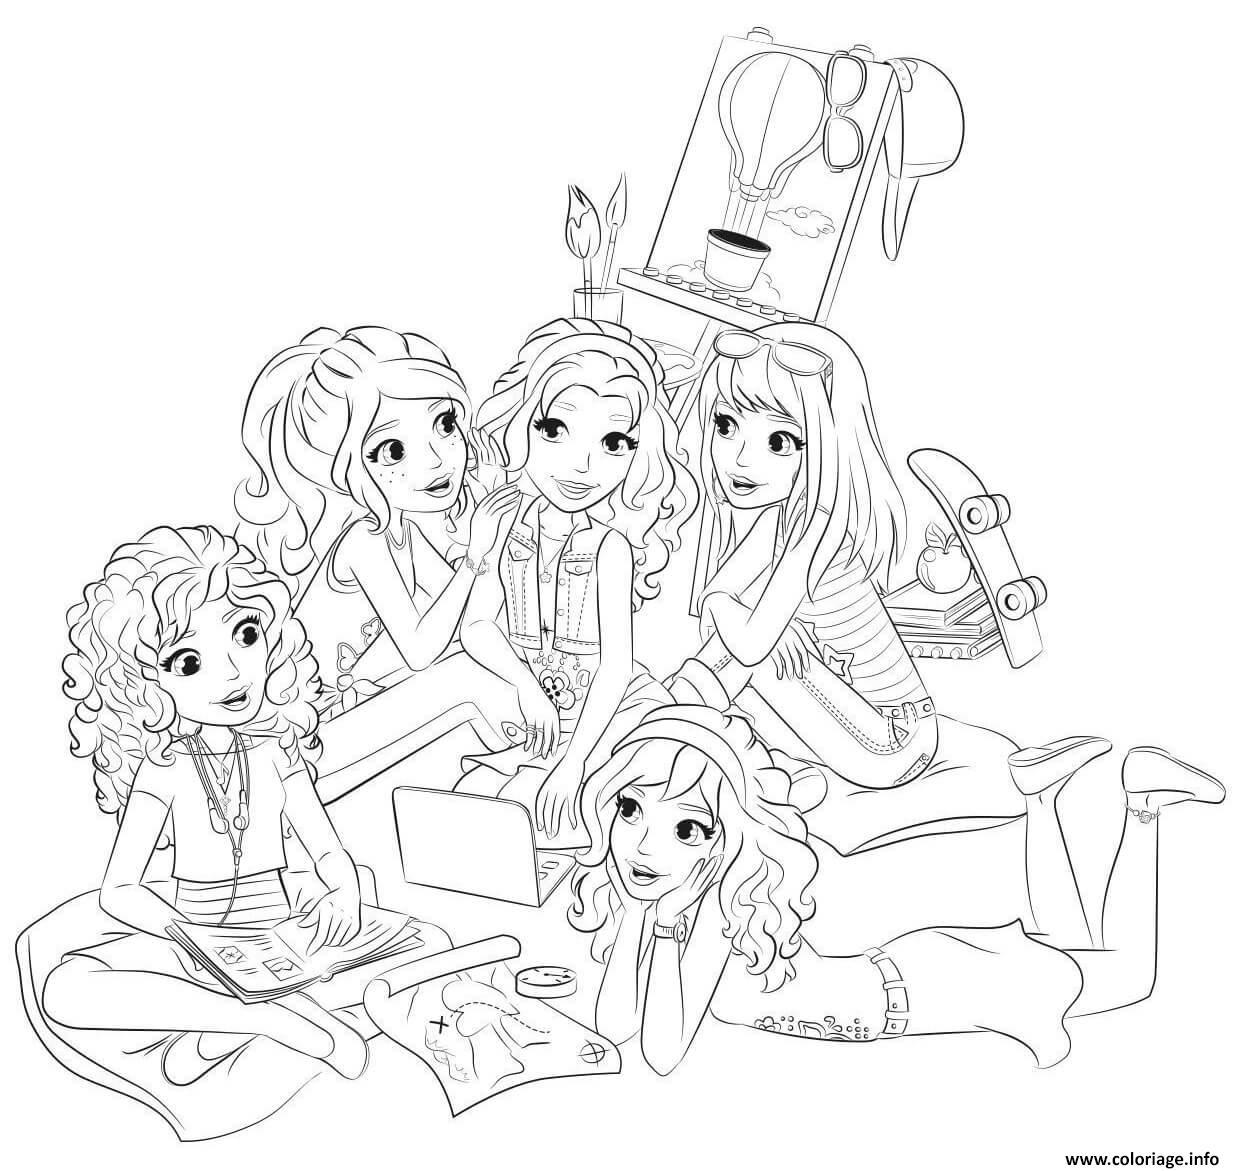 Dessin lego friends soiree entre filles Coloriage Gratuit à Imprimer